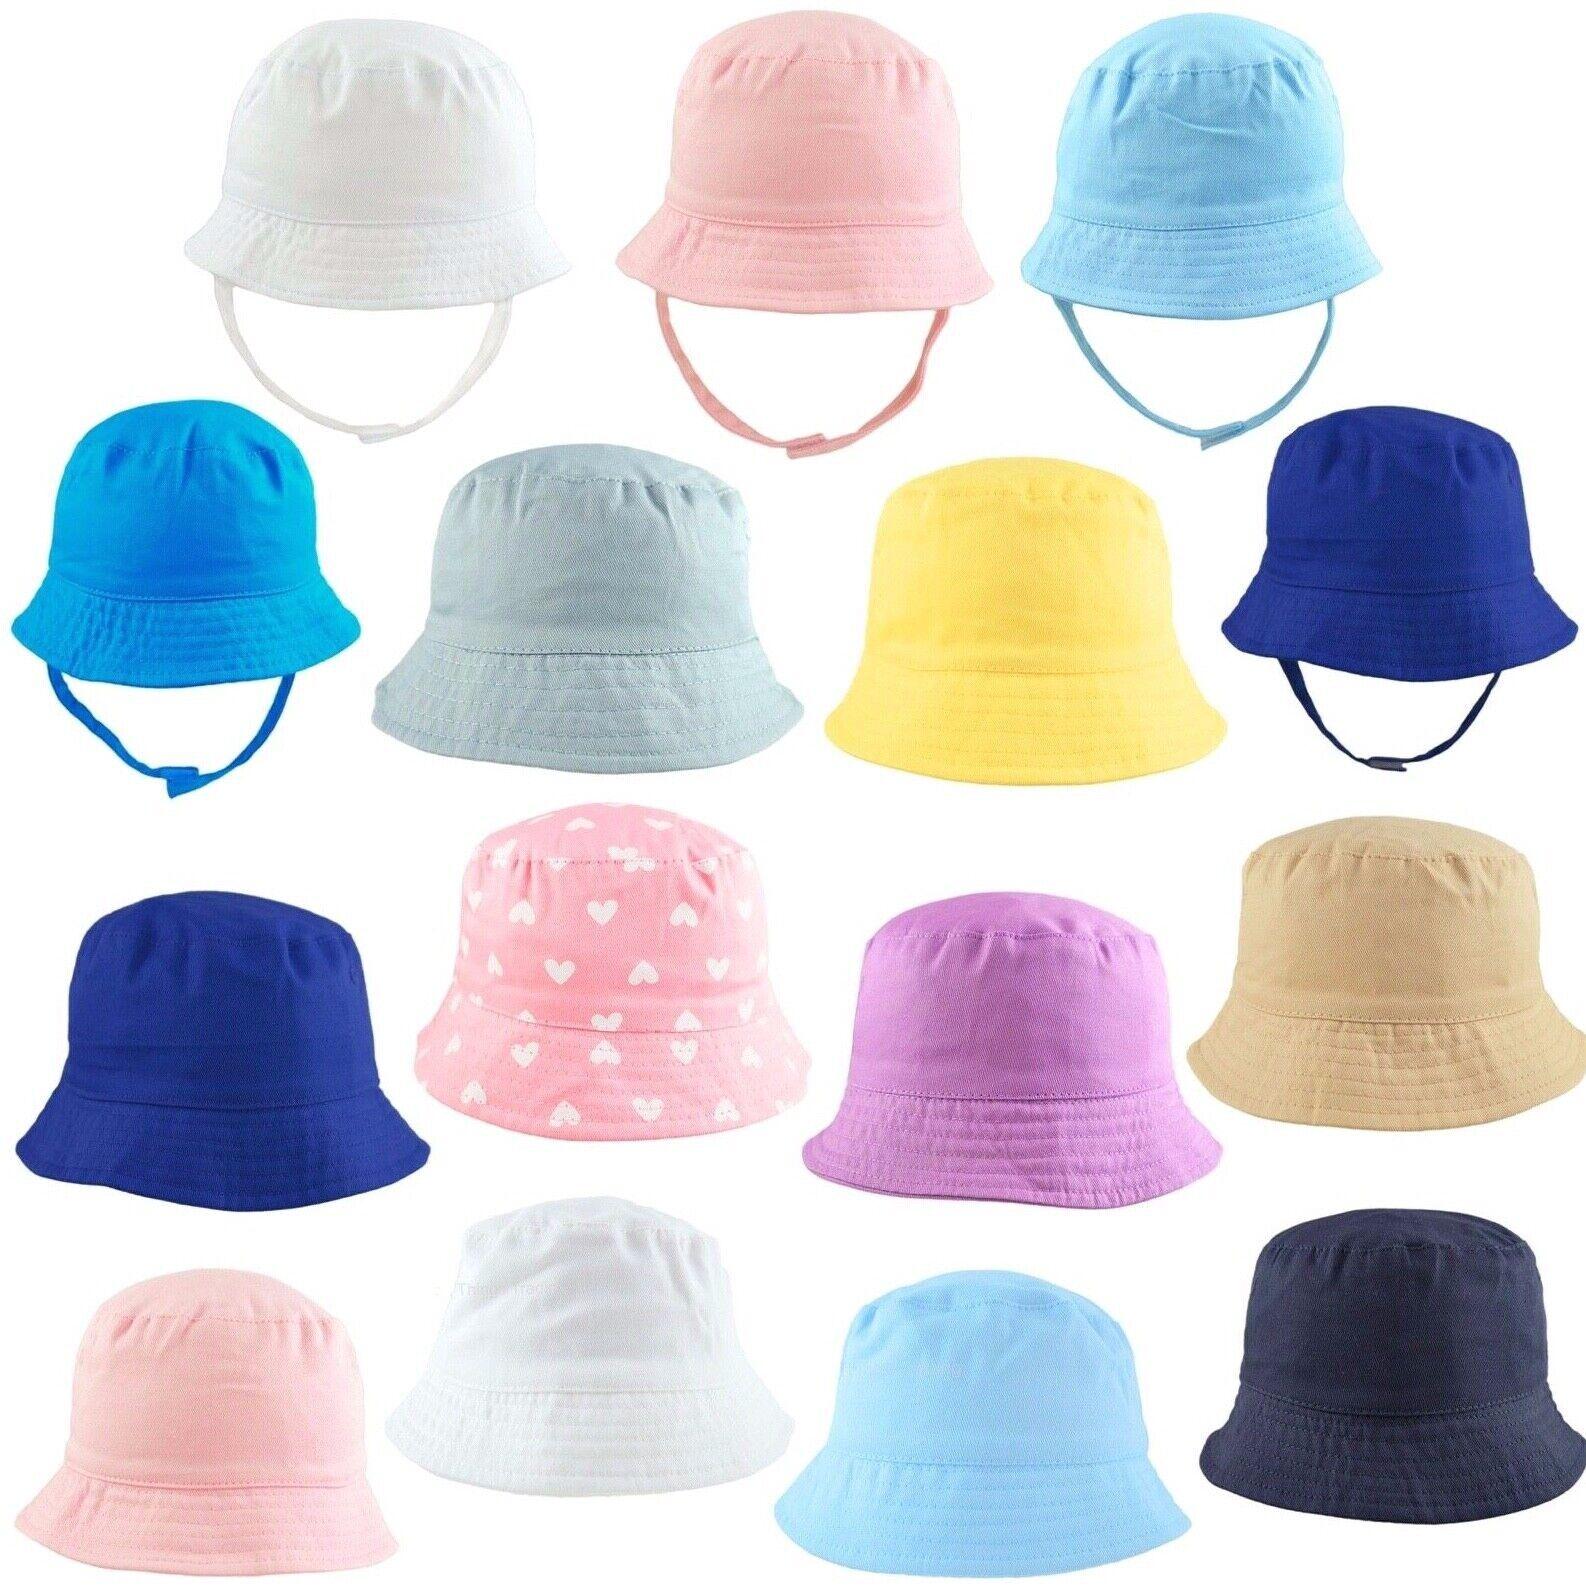 Baby Sun Hat Boys Girls Toddler Summer Legionnaire Cap Beach Hat 3 Month-2 Years